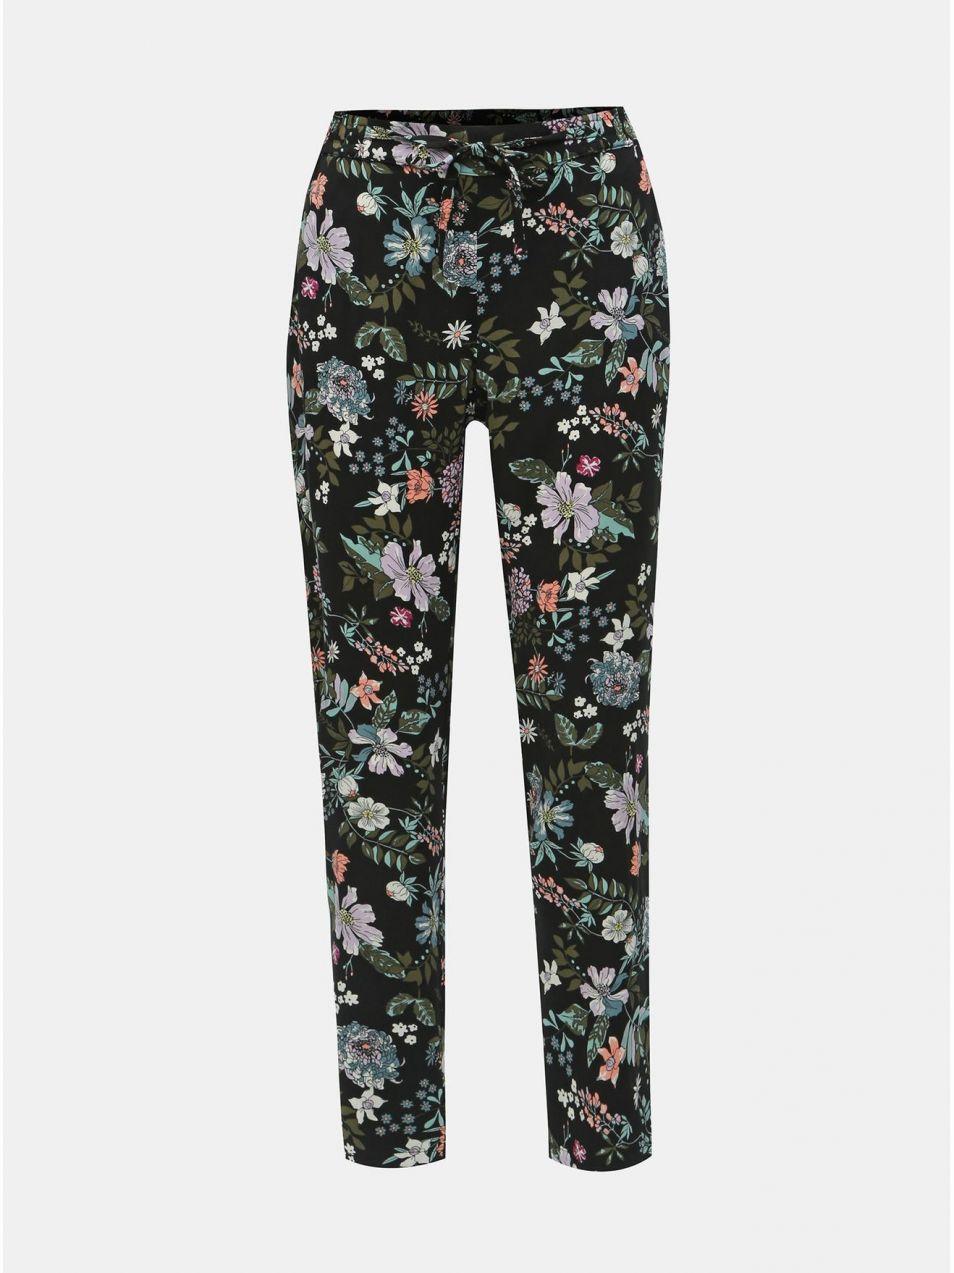 5437c5d33732 Čierne kvetované nohavice VERO MODA Simply Easy značky Vero Moda ...